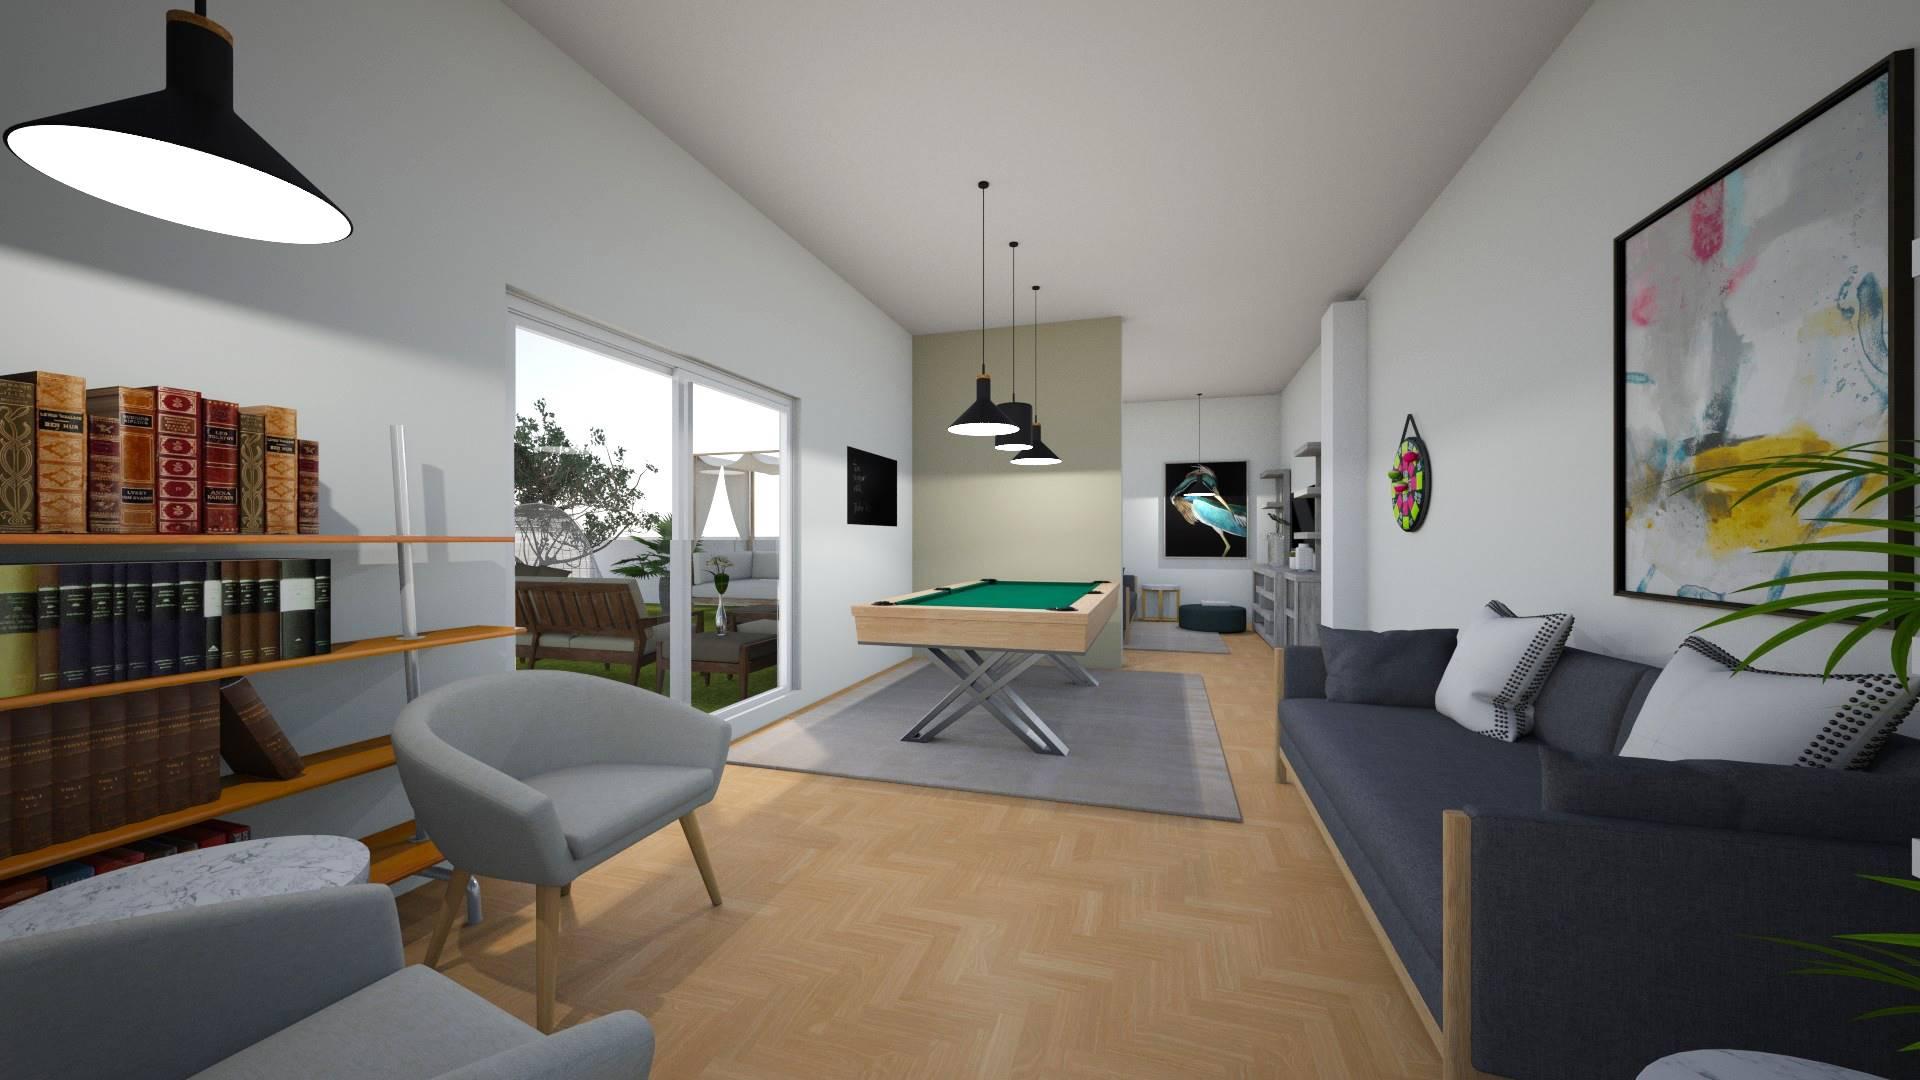 RIFERIMENTO 1510FCFM - VECCHIANO, villa indipendente in vendita a 6 minuti dal casello autostradale Pisa-Nord e vicino a tutte le comodità offerte